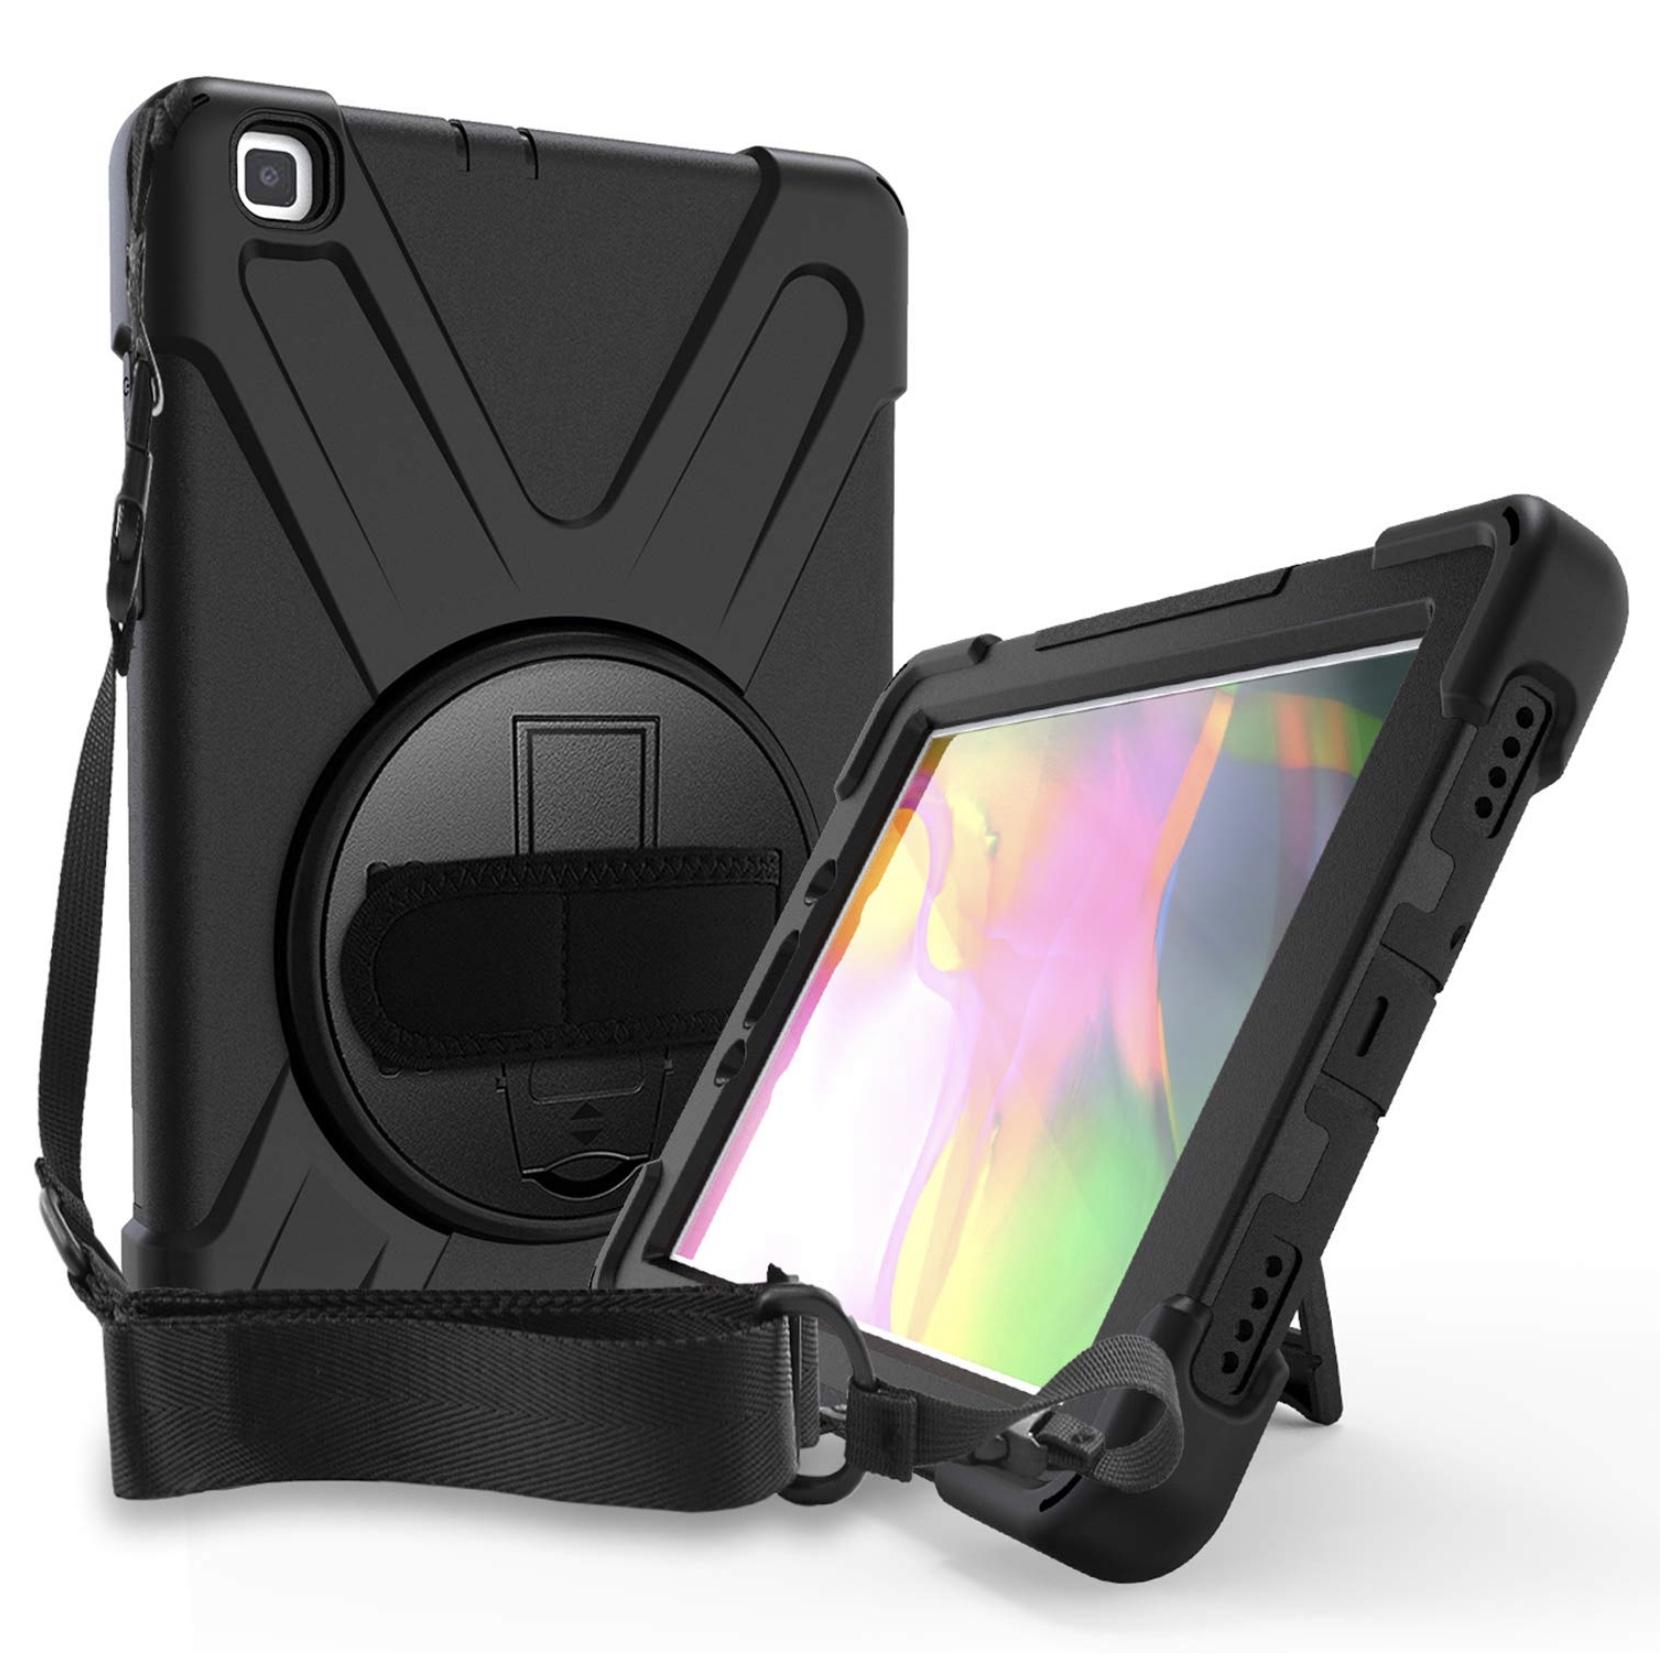 Galaxy TAB A 8 pouces 2020 SM T290 Coque renforcee Harnais main rotatif et Sangle epaule Vancouver